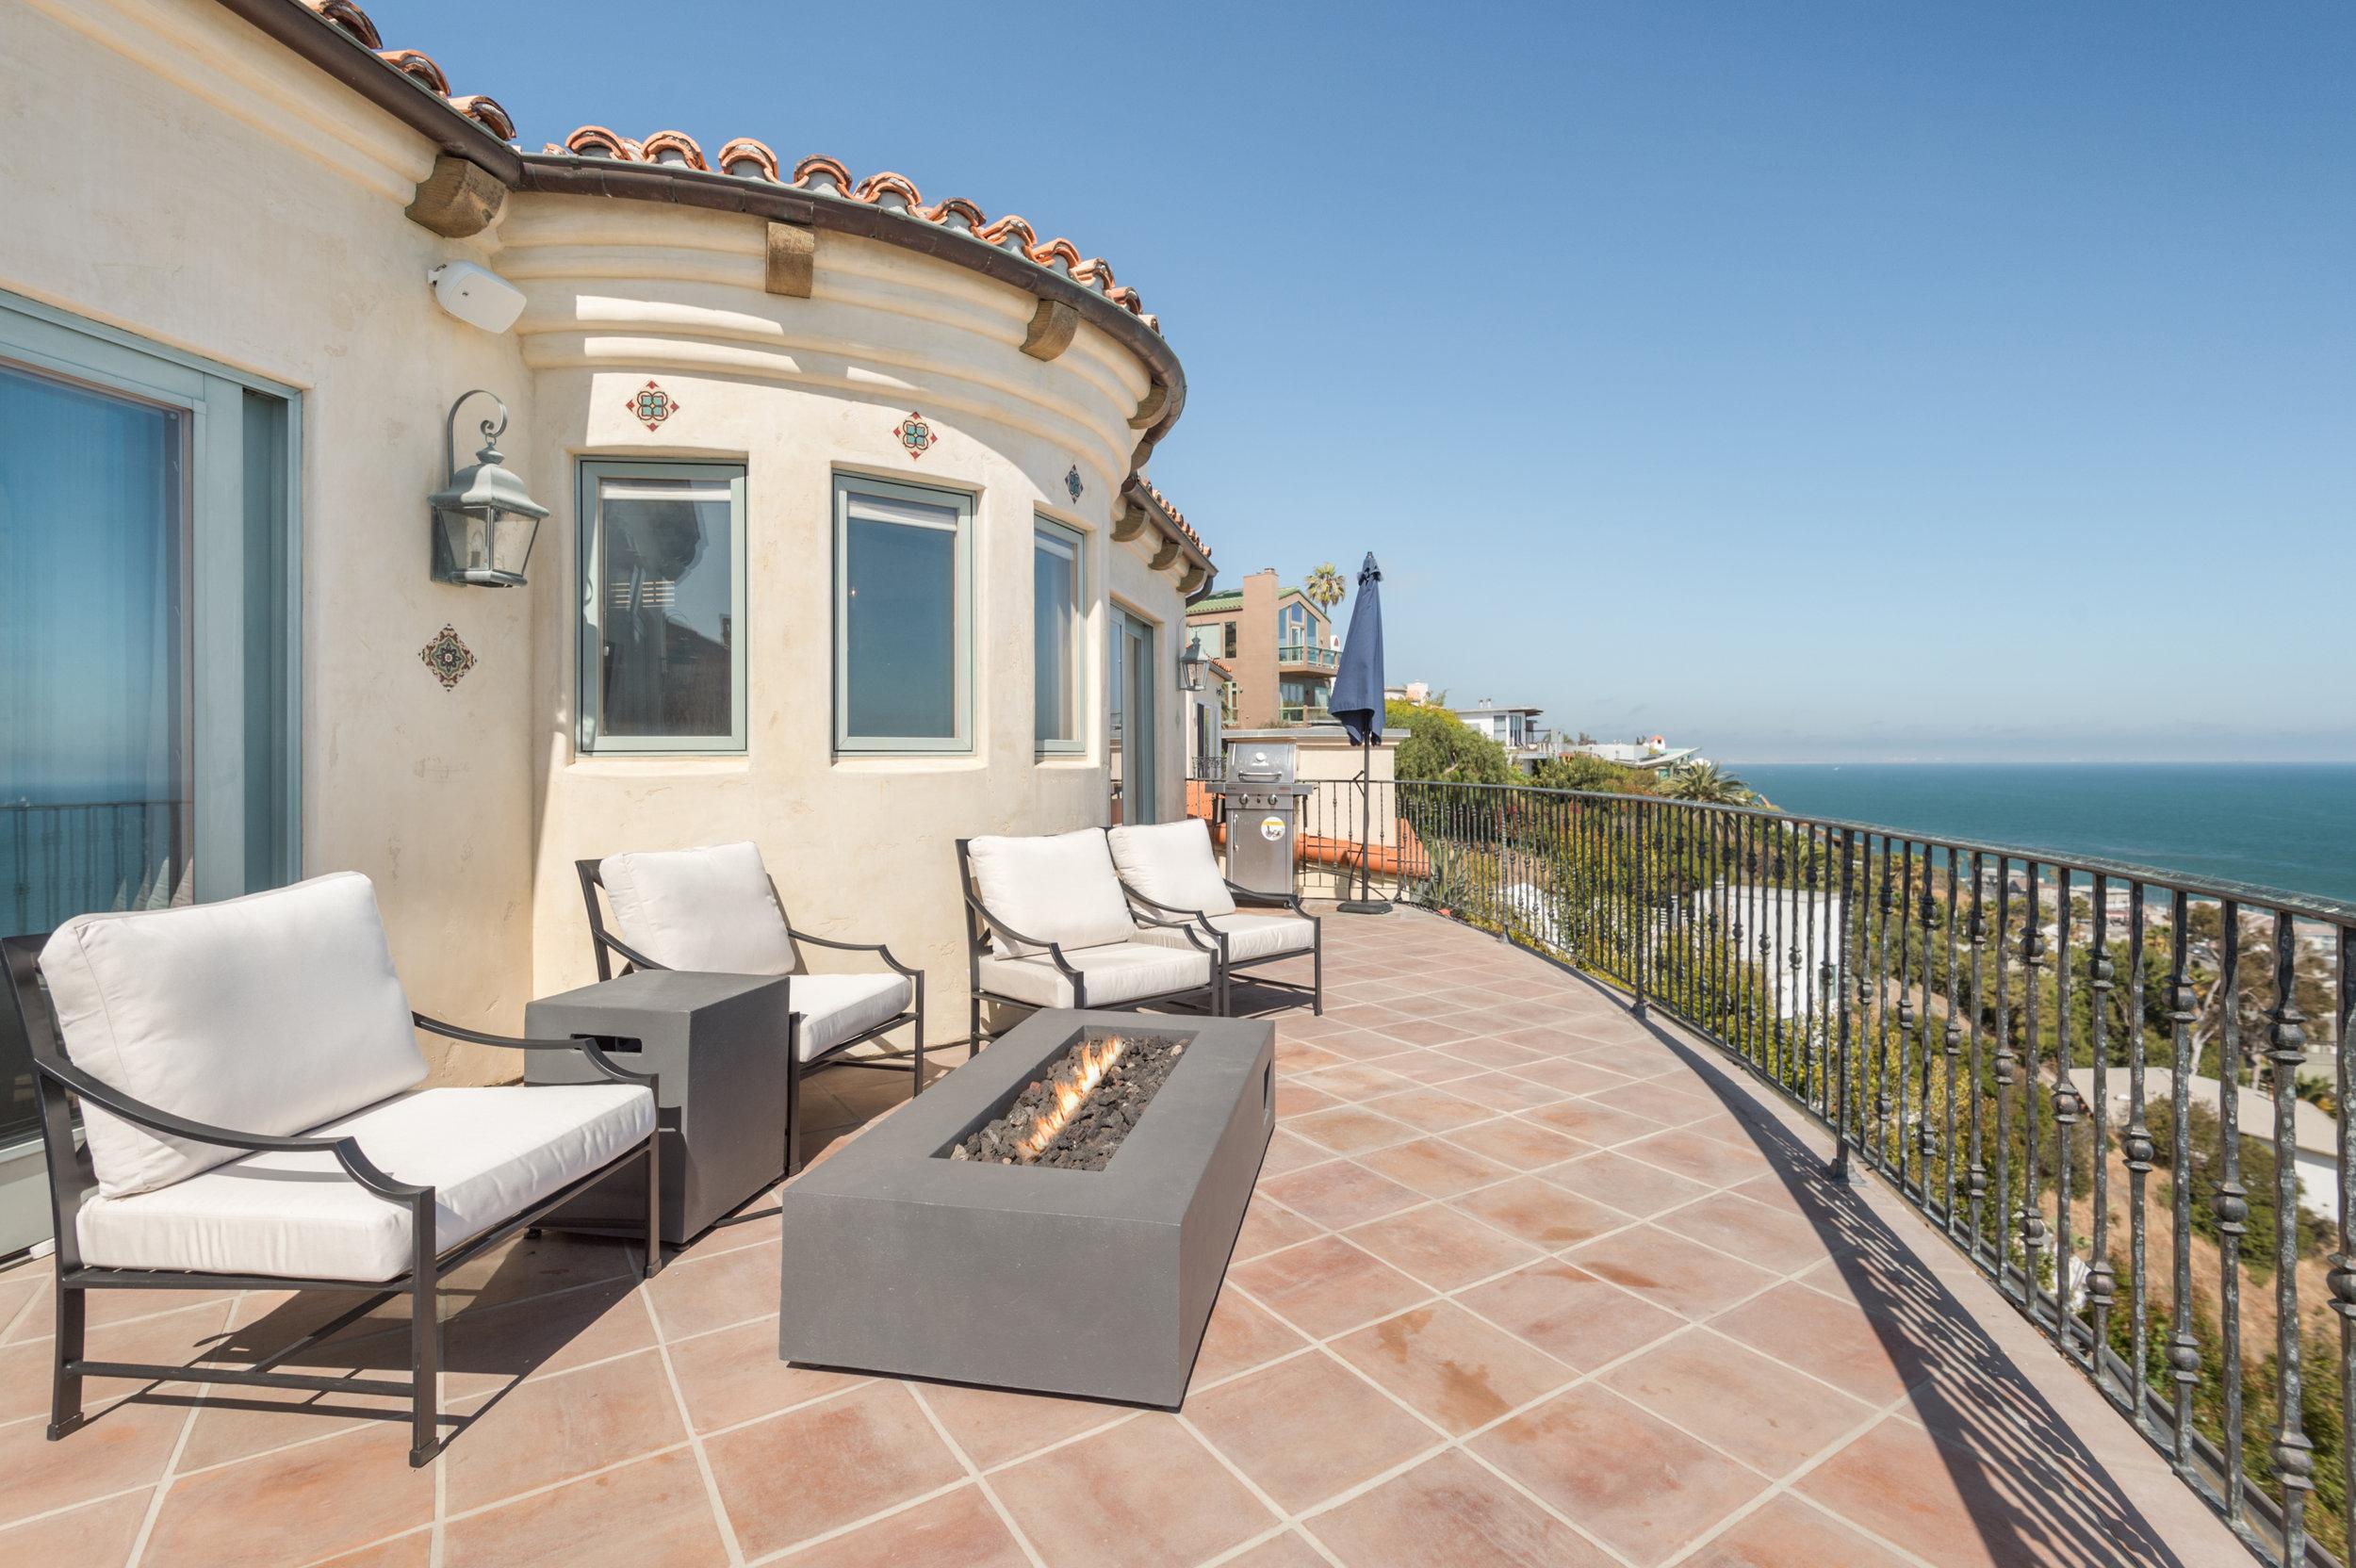 3942 Rambla Orienta Malibu, CA 90265 - View more